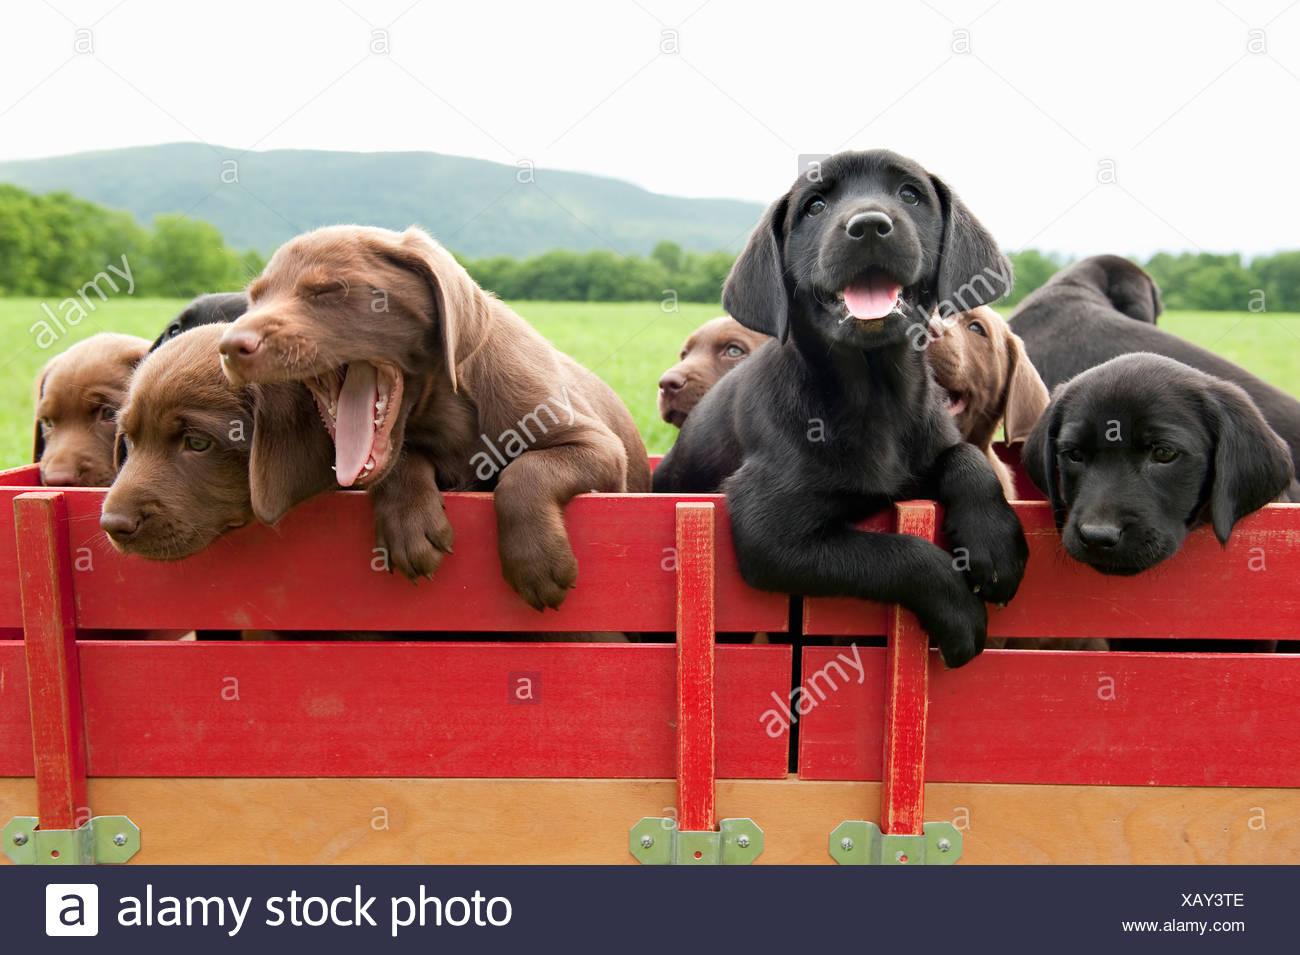 Labrador retriever puppies in a wagon - Stock Image